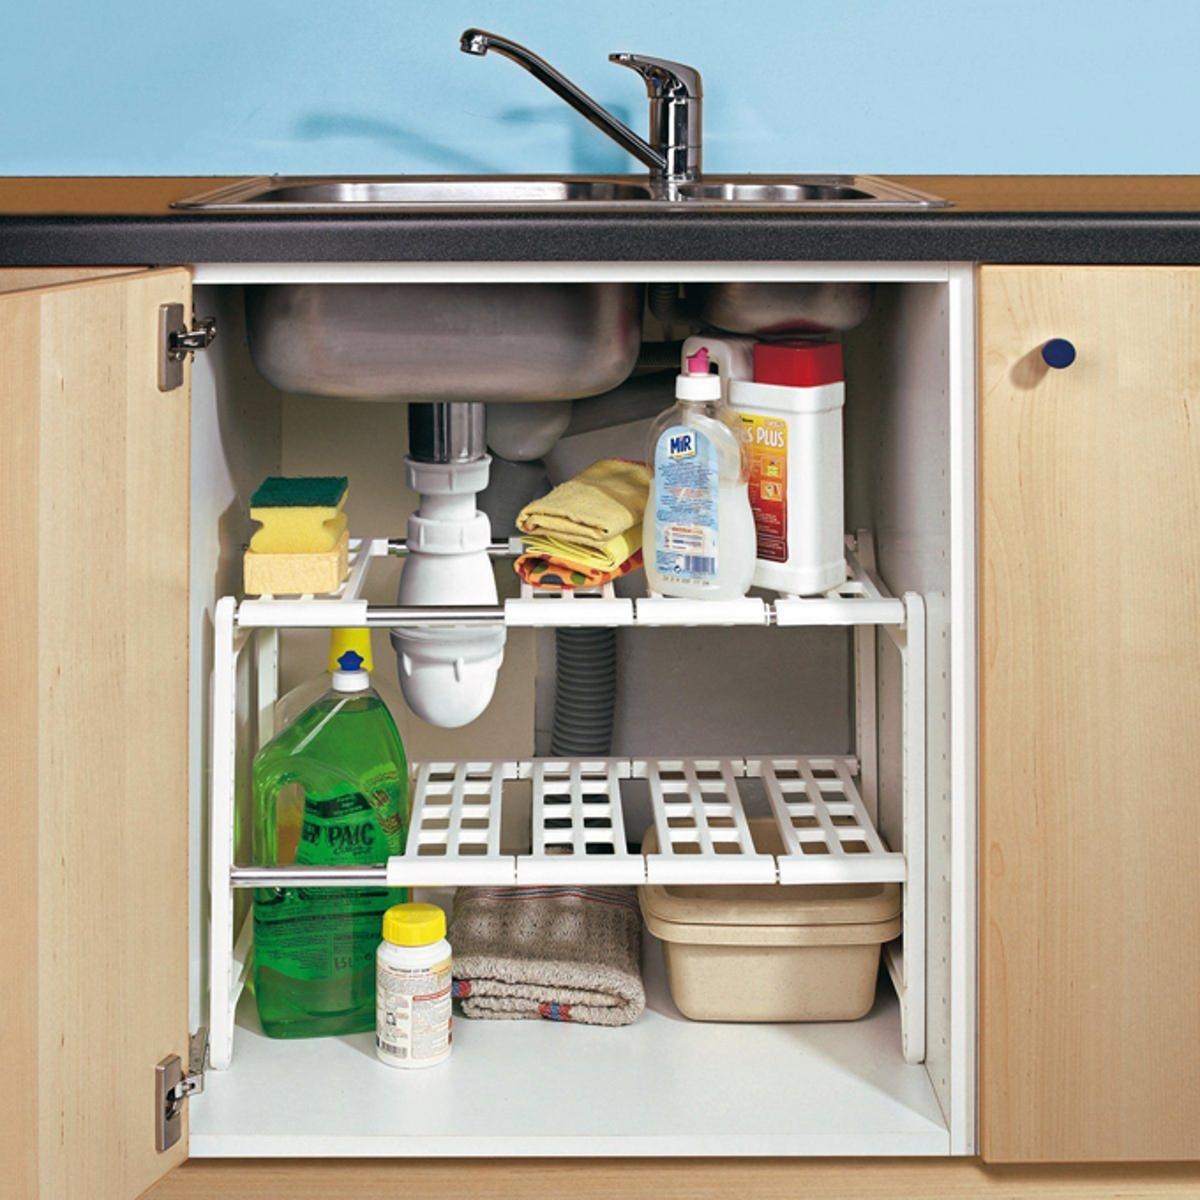 Полка под мойкуХарактеристики полки :- ПВХ и лакированный металл.- Длина регулируется от 44,5 до 82 см, легко подстраивается под любой шкаф.Размеры :В.38,9 x Ш.28 см.<br><br>Цвет: белый